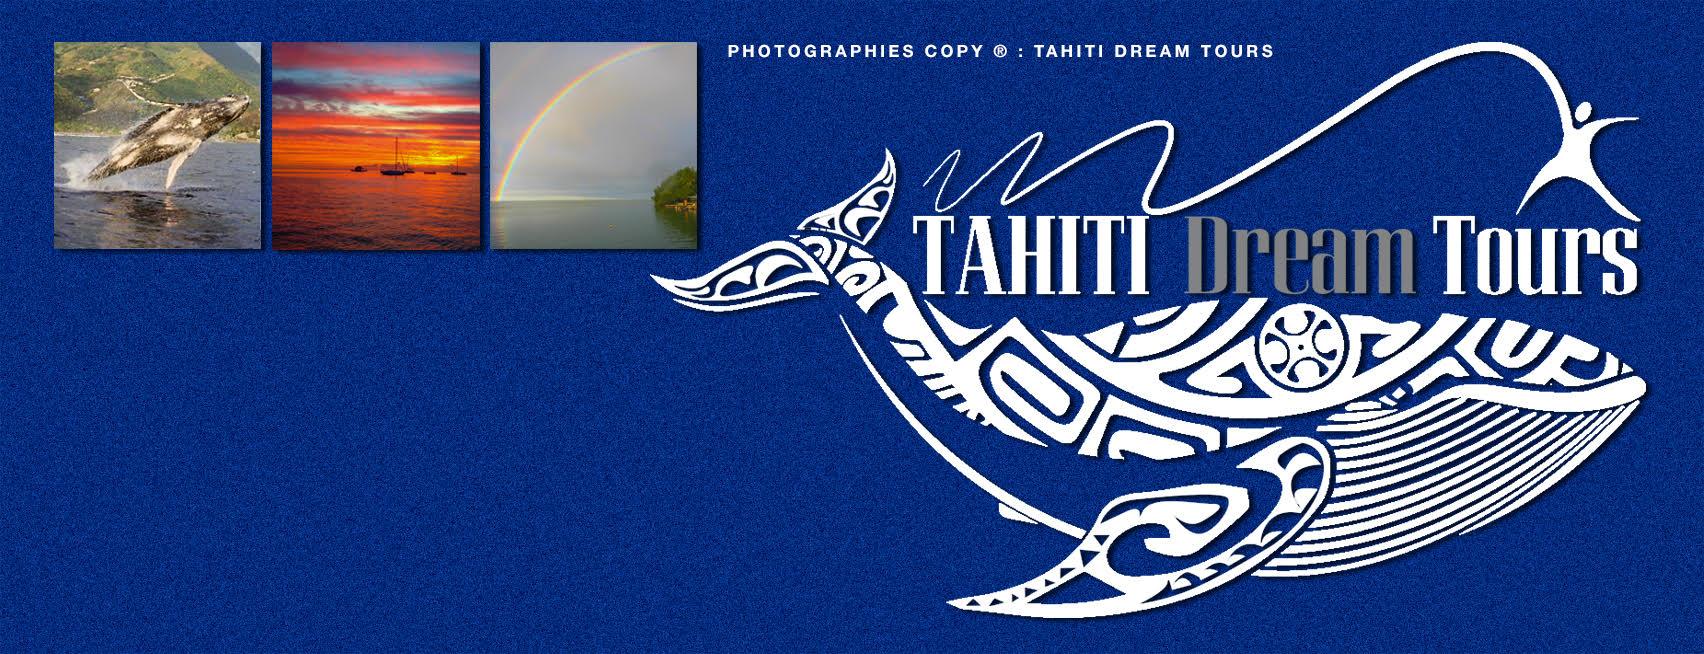 https://tahititourisme.jp/wp-content/uploads/2017/09/Bandeau-TDT-modifié.jpg